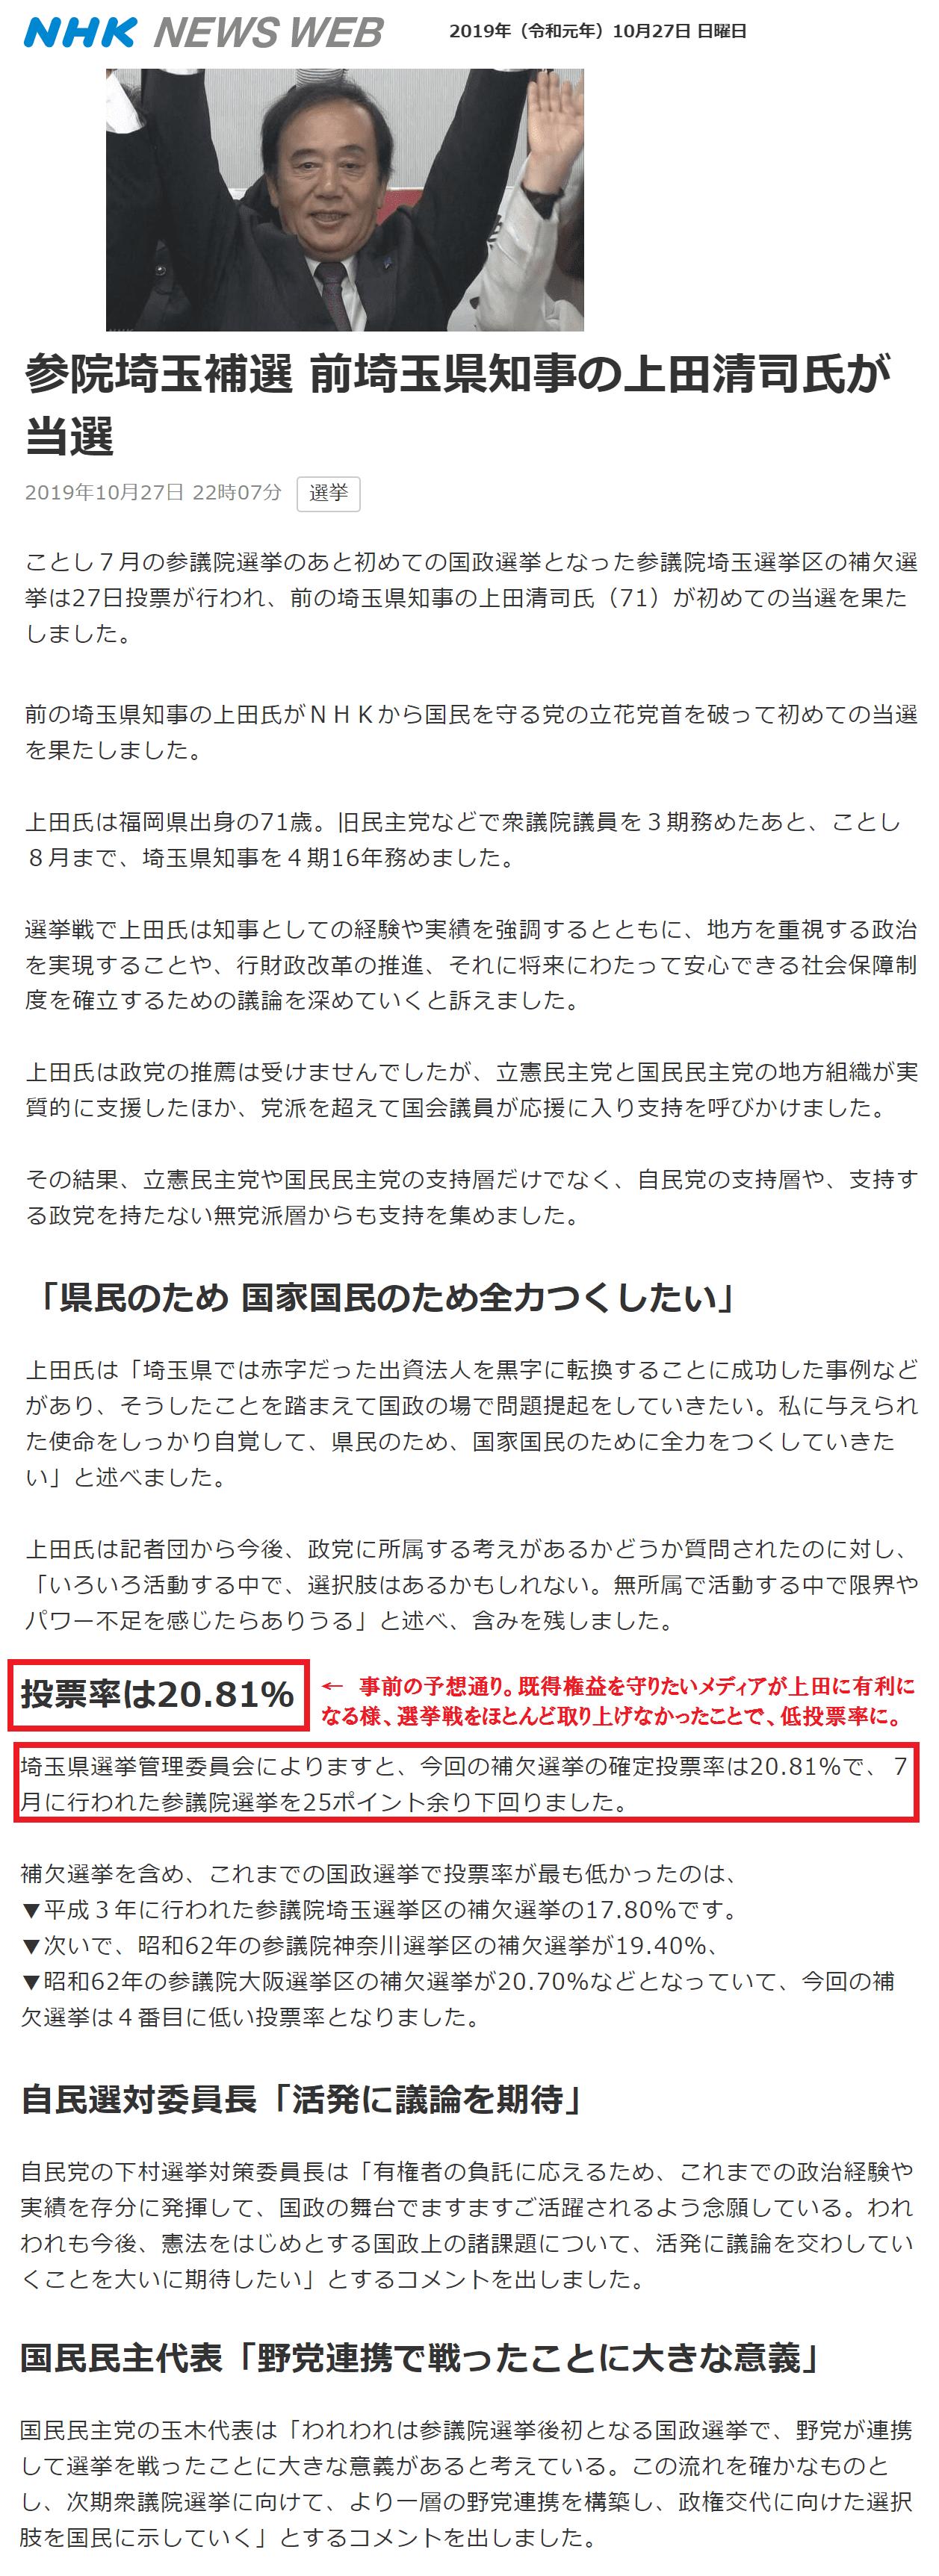 参院埼玉補選でメディアが誘導した低投票率でN国立花敗北